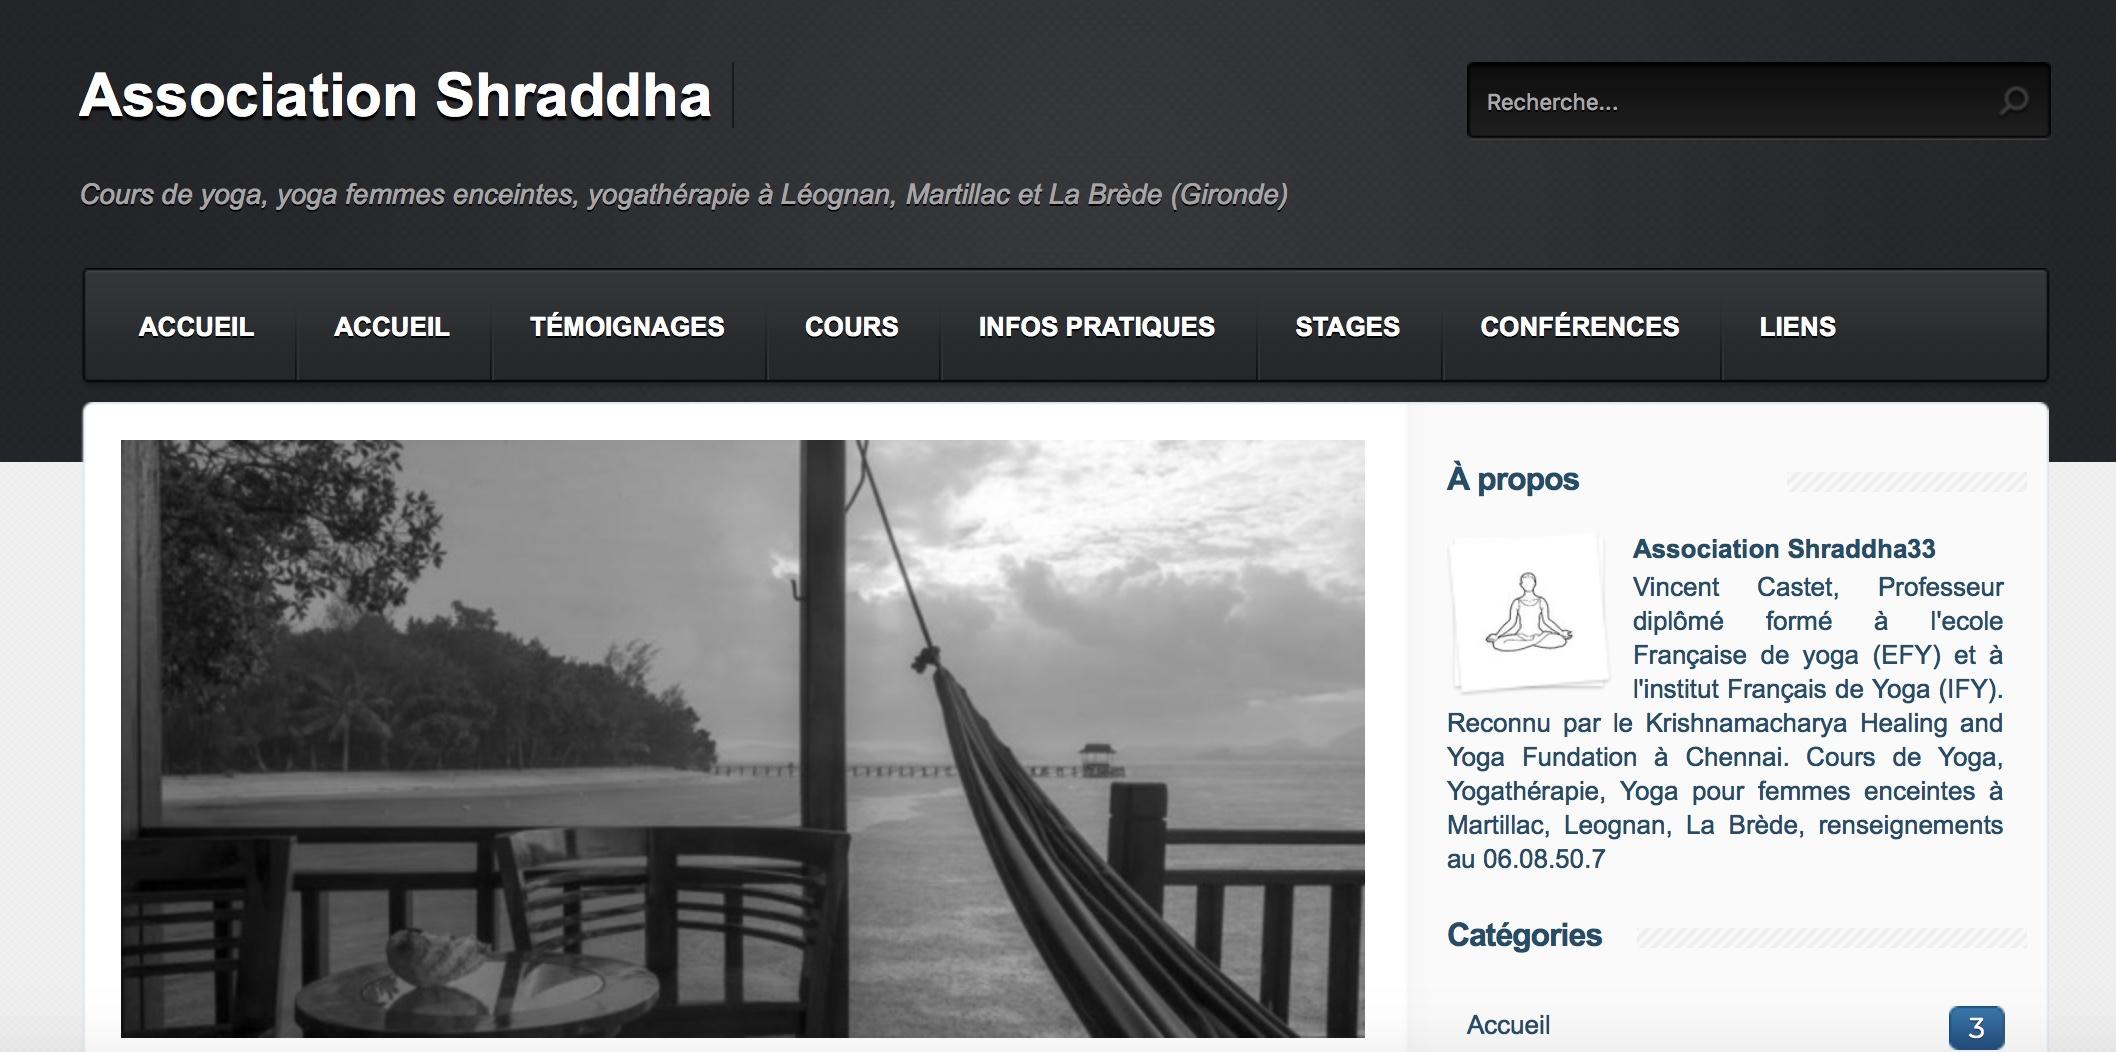 Association Shraddha